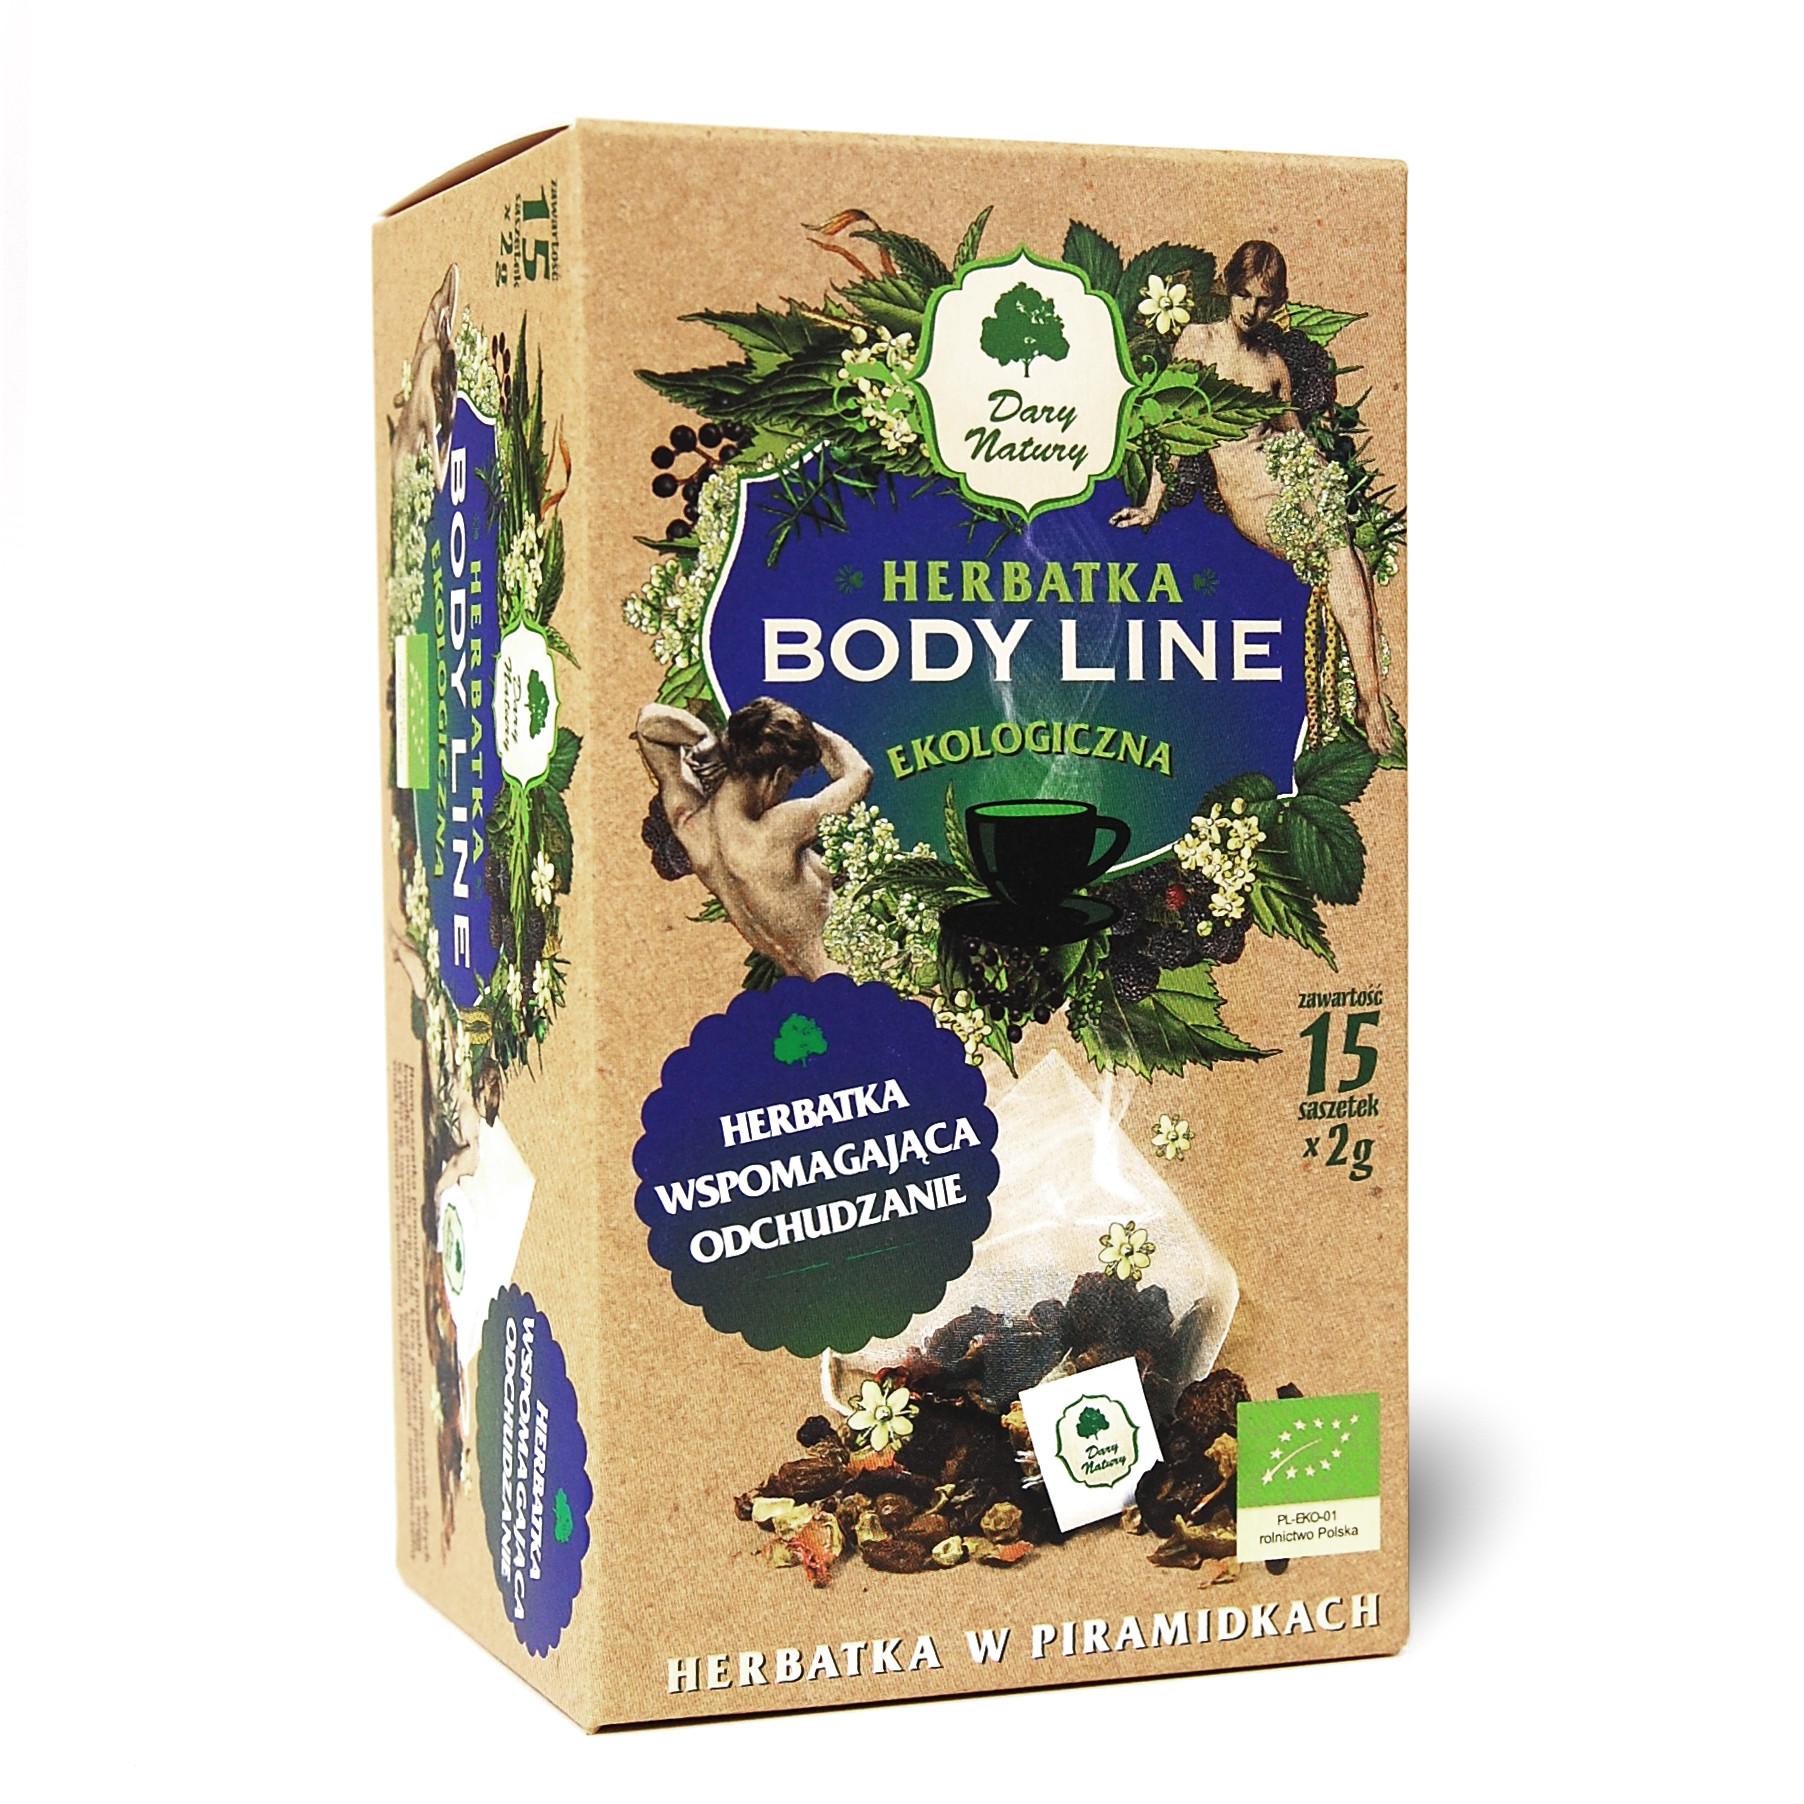 Herbatka Body Line w piramidkach